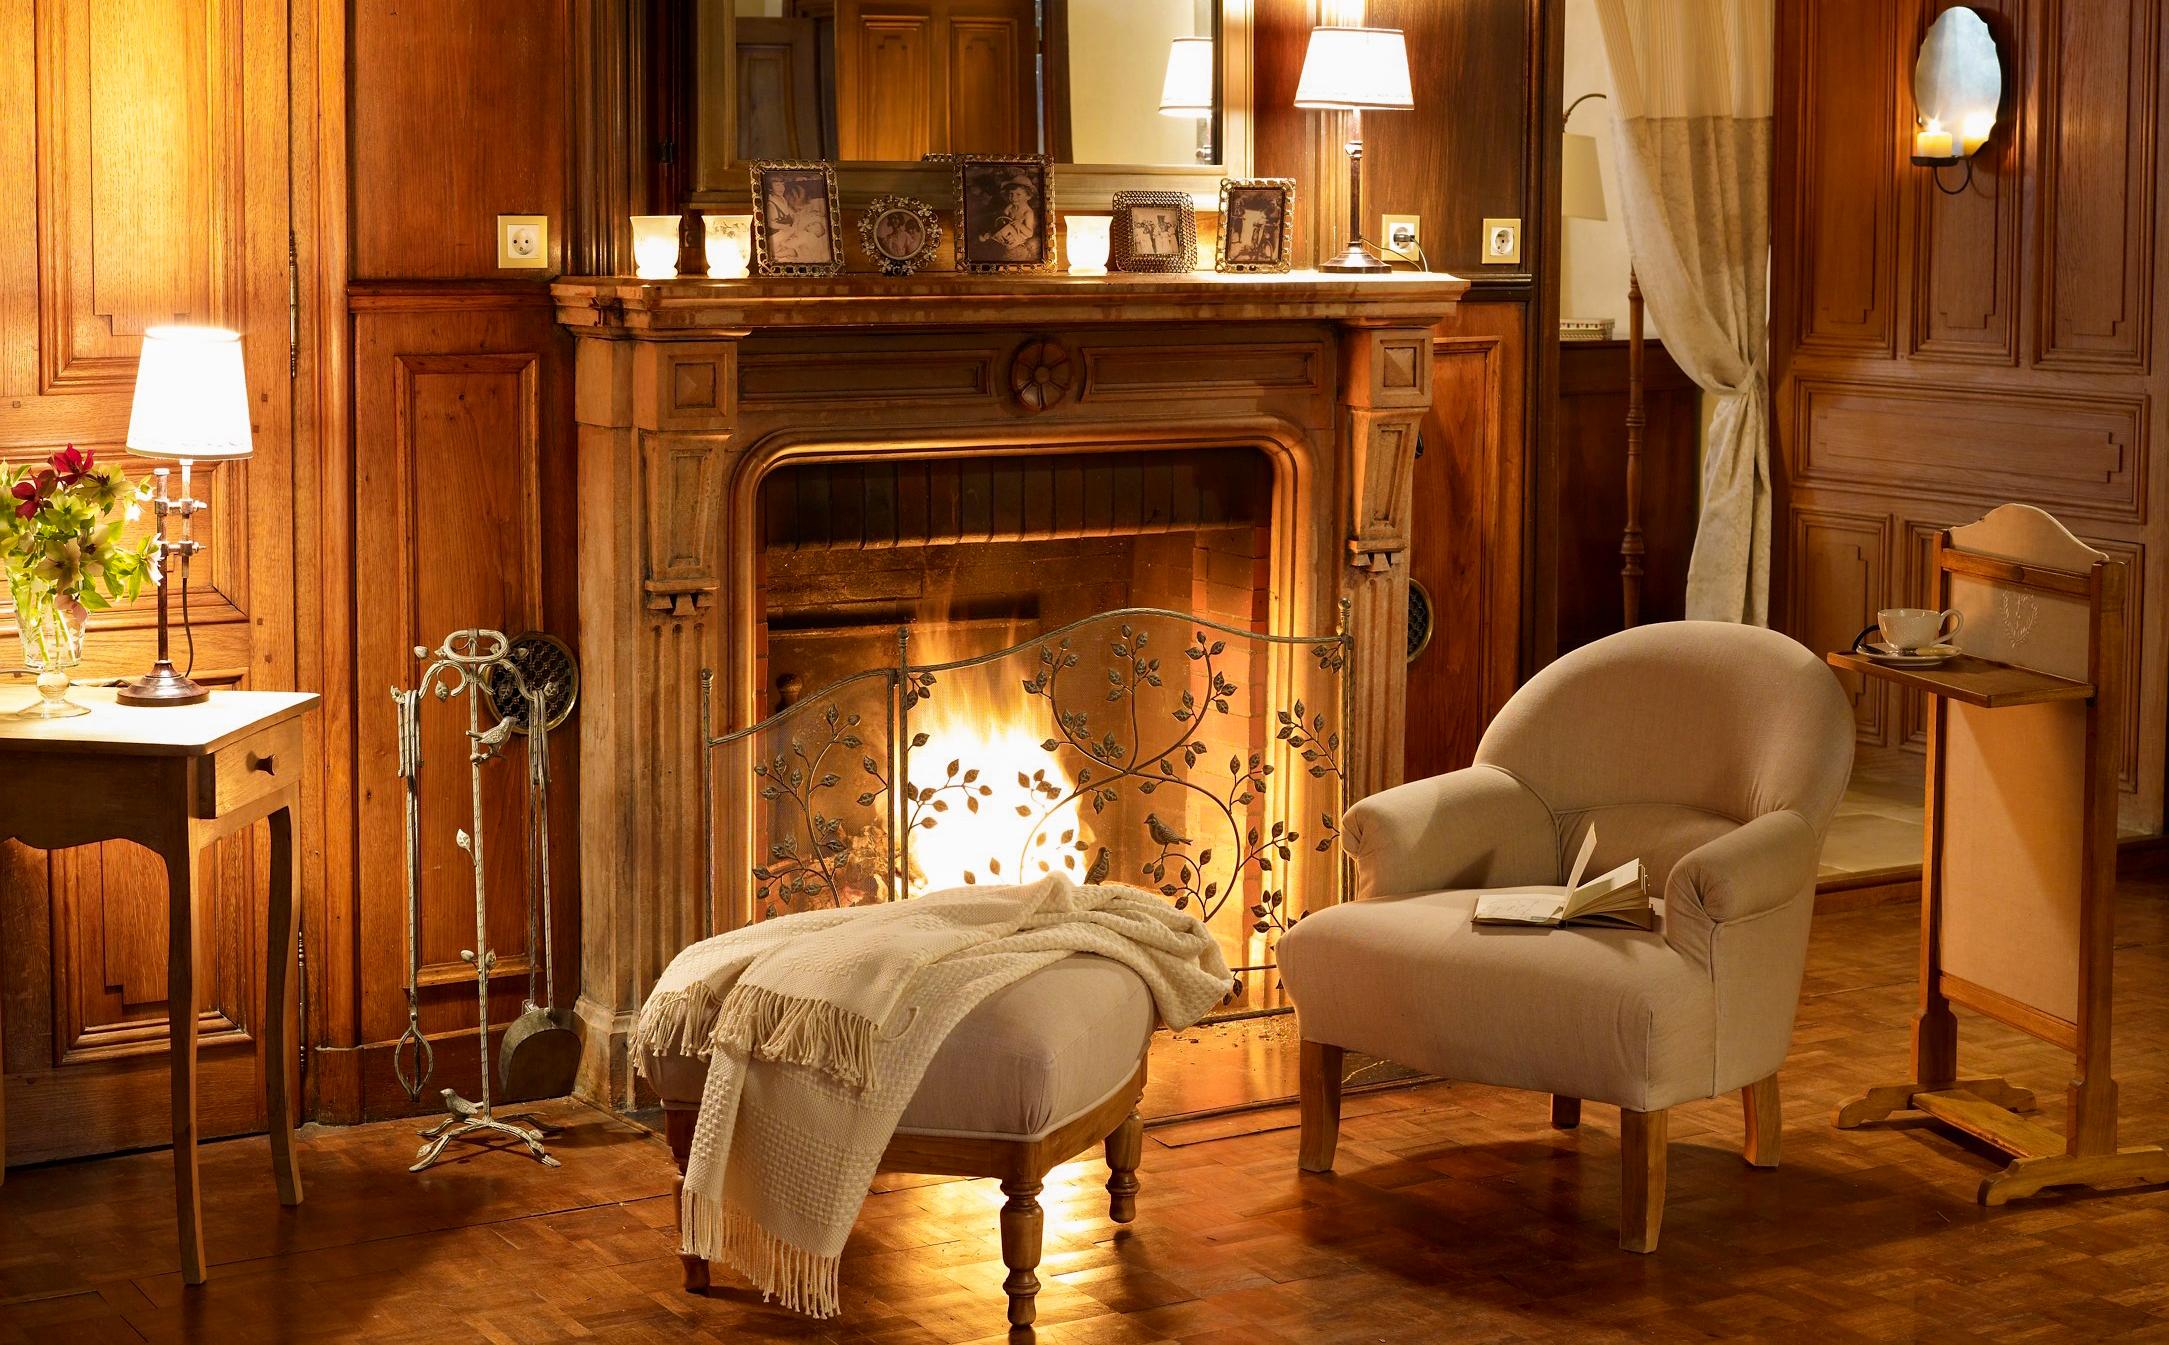 Adresses Exclusives - Châteaux et demeures historiques en France